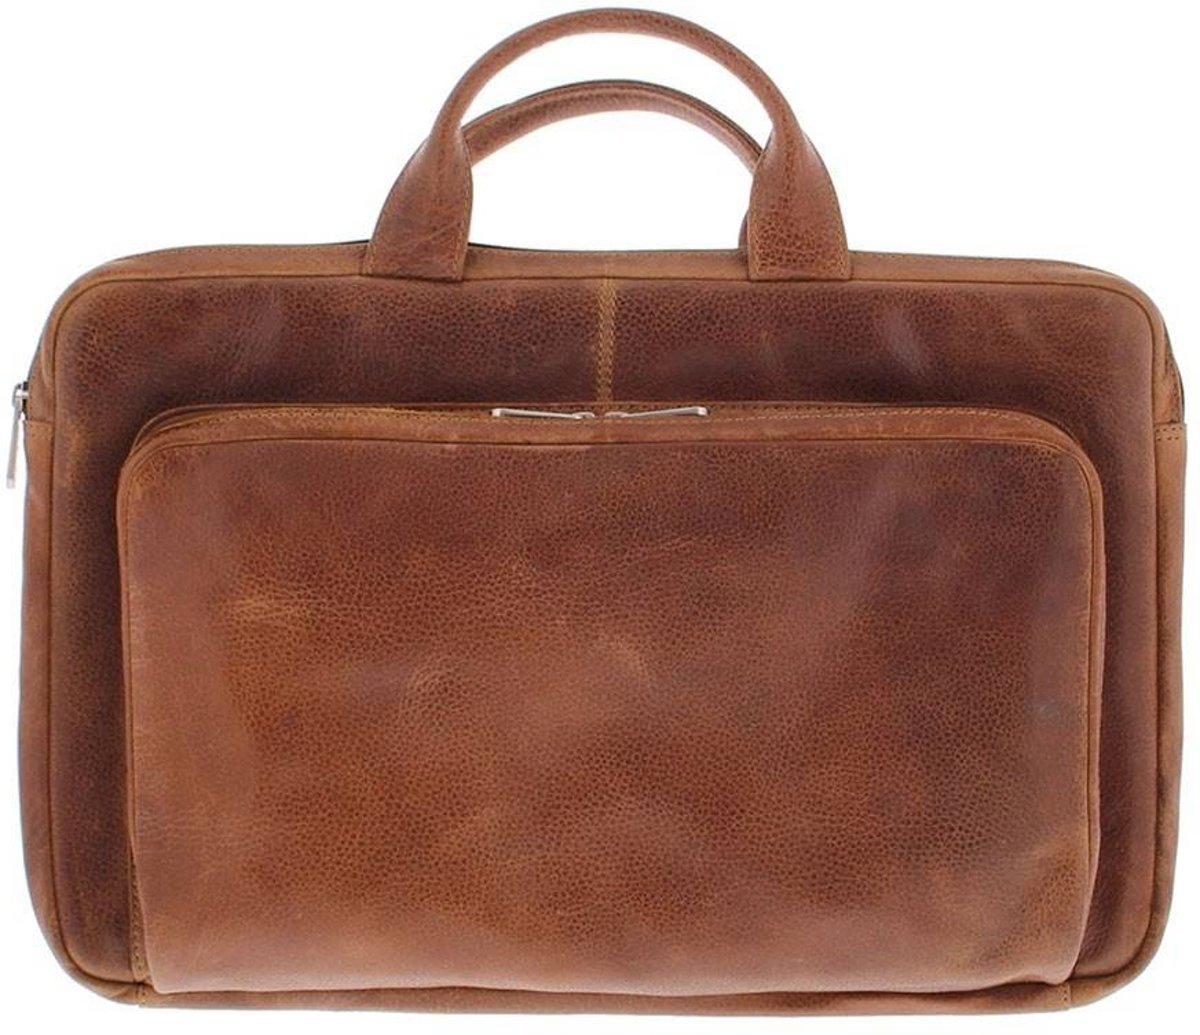 648e87df30a Laptop Sleeve Volnerf rundleer 17.3 Inch met organizer voorvak Cognac 495-3  Cognac